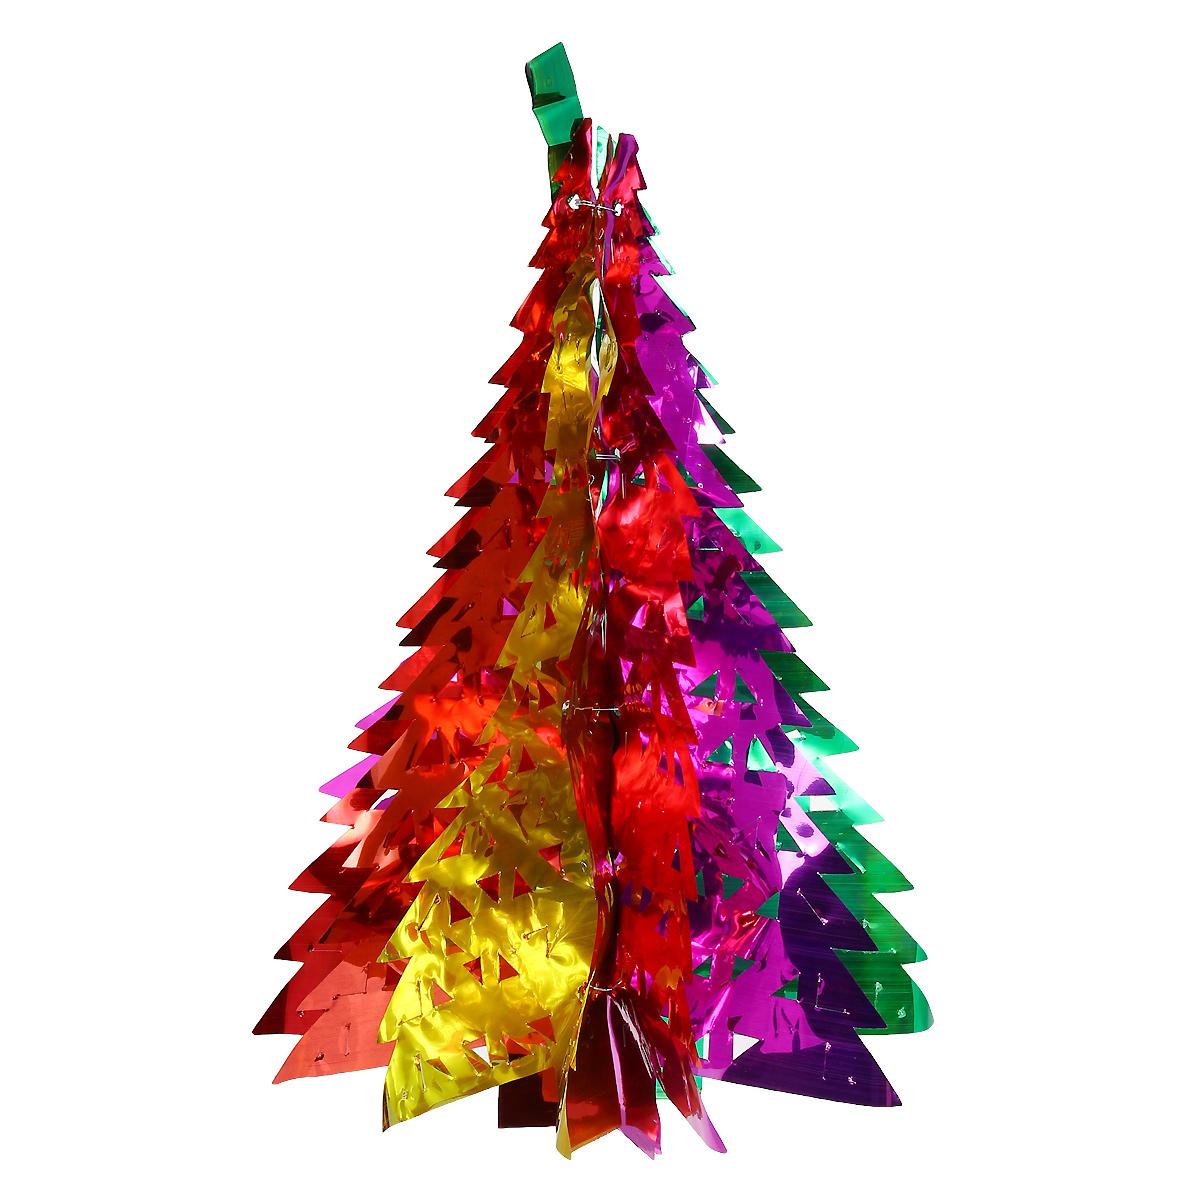 Новогодняя гирлянда Елка, цвет: мульти, 36 см х 12,5 см. 3097125906Новогодняя гирлянда прекрасно подойдет для декора дома или офиса. Украшение выполнено из разноцветной металлизированной фольги. С помощью специальных петелек гирлянду можно повесить в любом понравившемся вам месте. Украшение легко складывается и раскладывается. Новогодние украшения несут в себе волшебство и красоту праздника. Они помогут вам украсить дом к предстоящим праздникам и оживить интерьер по вашему вкусу. Создайте в доме атмосферу тепла, веселья и радости, украшая его всей семьей.